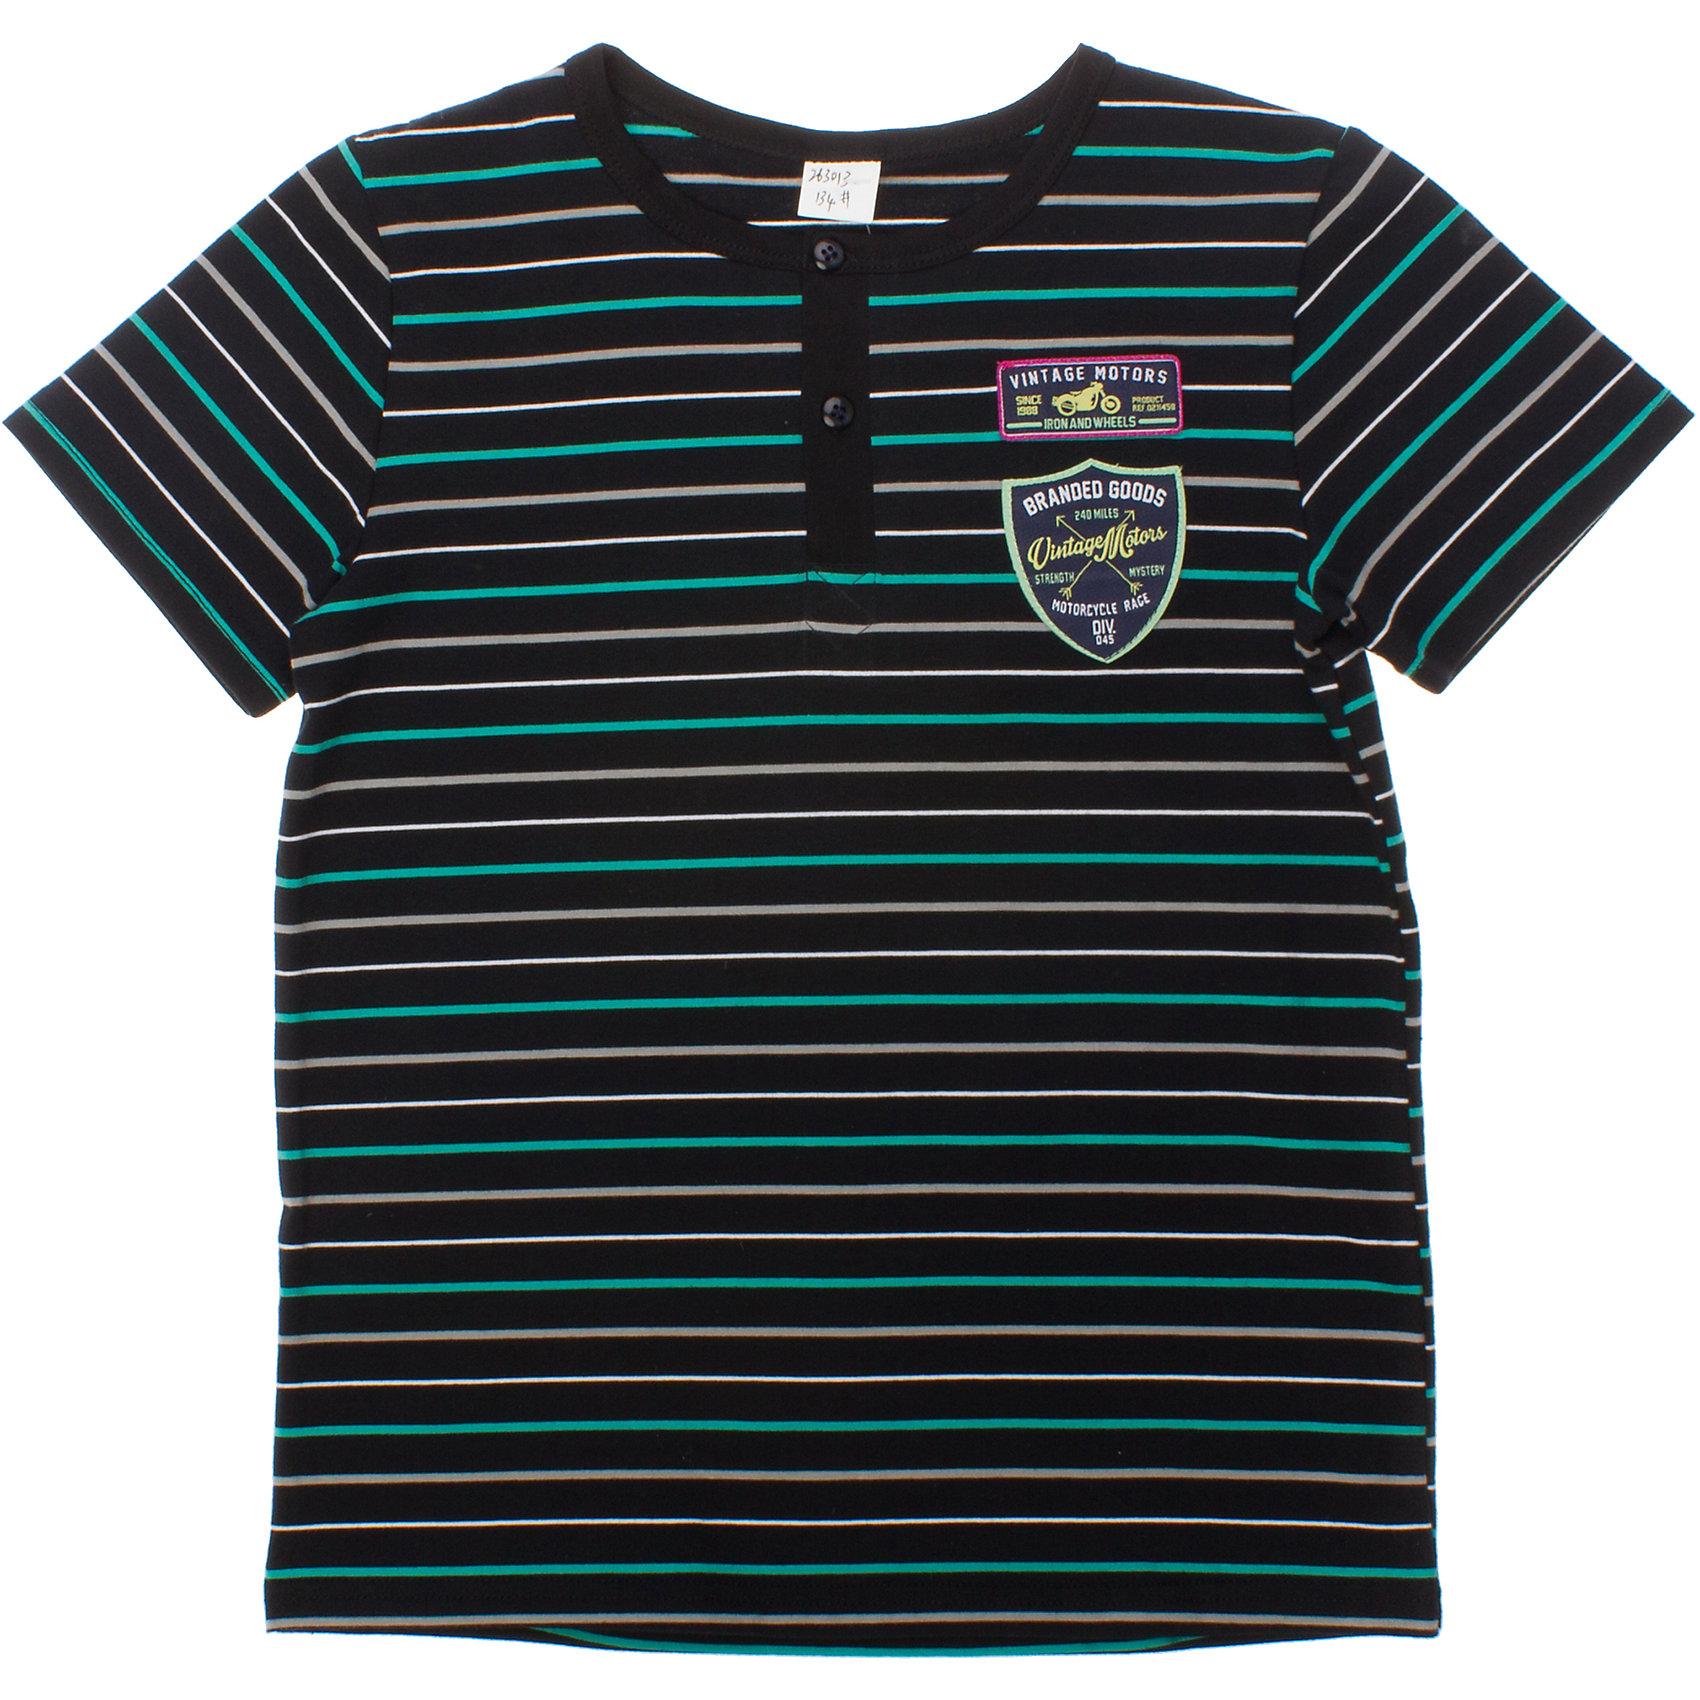 Футболка для мальчика ScoolФутболки, поло и топы<br>Стильная темно-синяя футболка с яркими полосками. Застежка-поло, воротник на мягкой резинке. Украшена аппликациями с мотоциклами. Состав: 95% хлопок, 5% эластан<br><br>Ширина мм: 199<br>Глубина мм: 10<br>Высота мм: 161<br>Вес г: 151<br>Цвет: синий<br>Возраст от месяцев: 120<br>Возраст до месяцев: 132<br>Пол: Мужской<br>Возраст: Детский<br>Размер: 146,140,134,164,158,152<br>SKU: 4652799